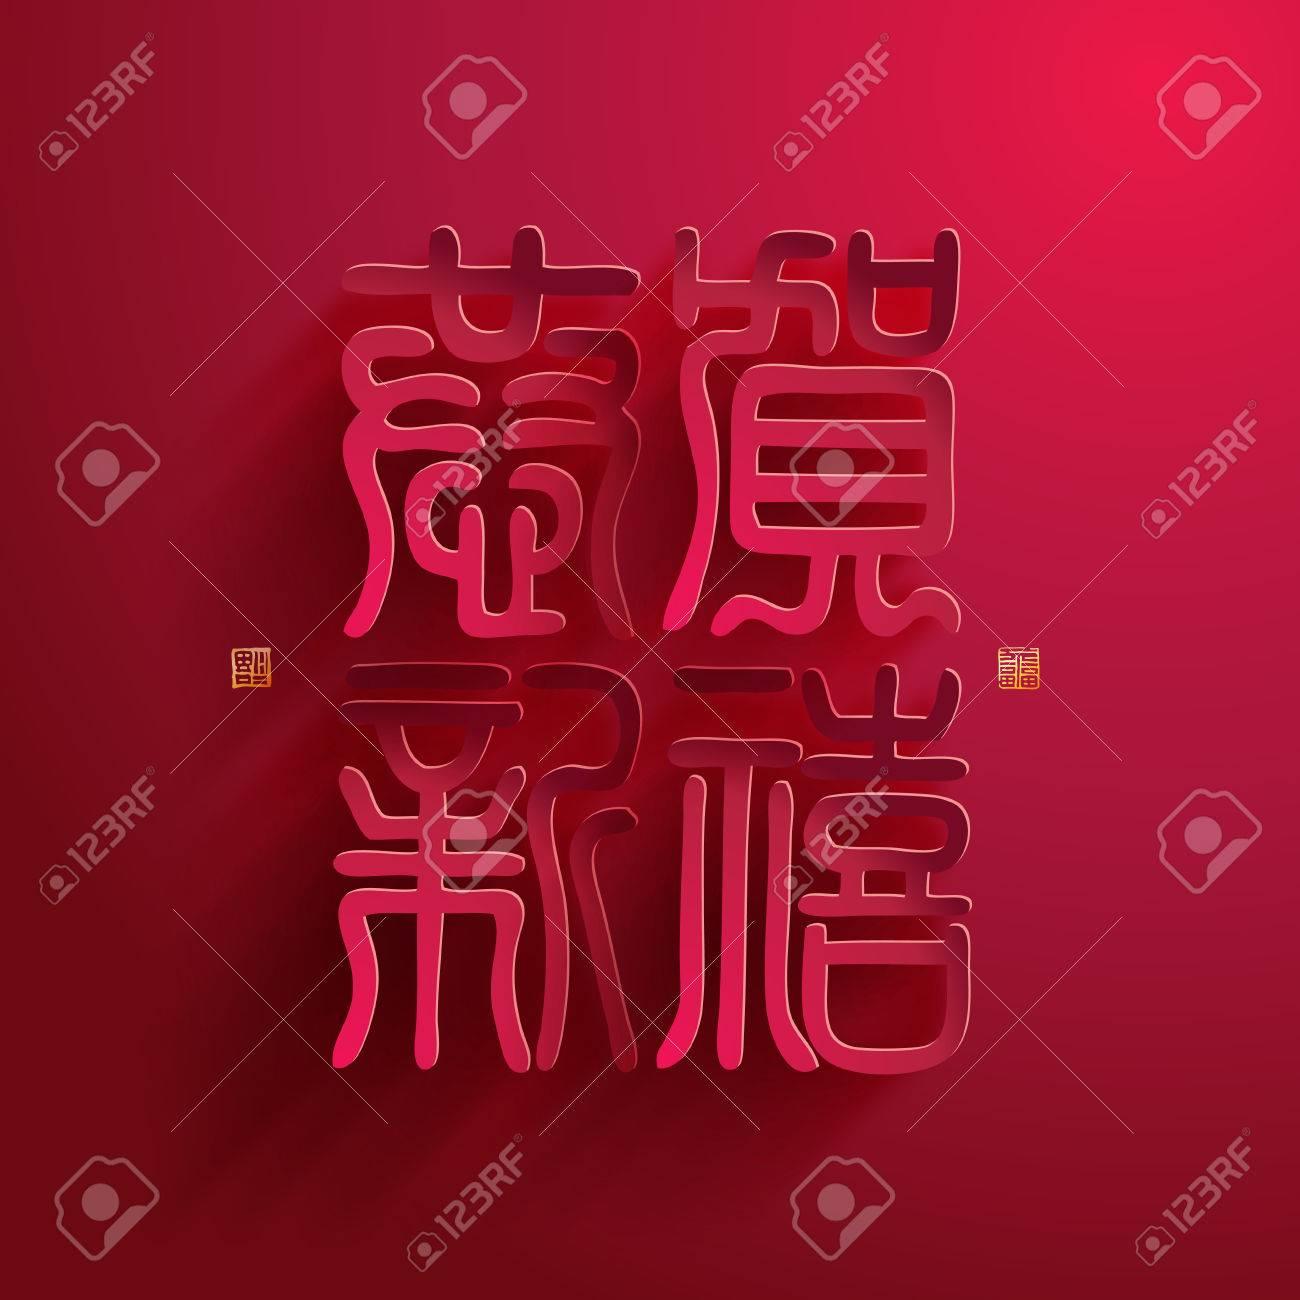 Vector Chinesische Kalligraphie-Papier-Ausschnitt. Übersetzung ...